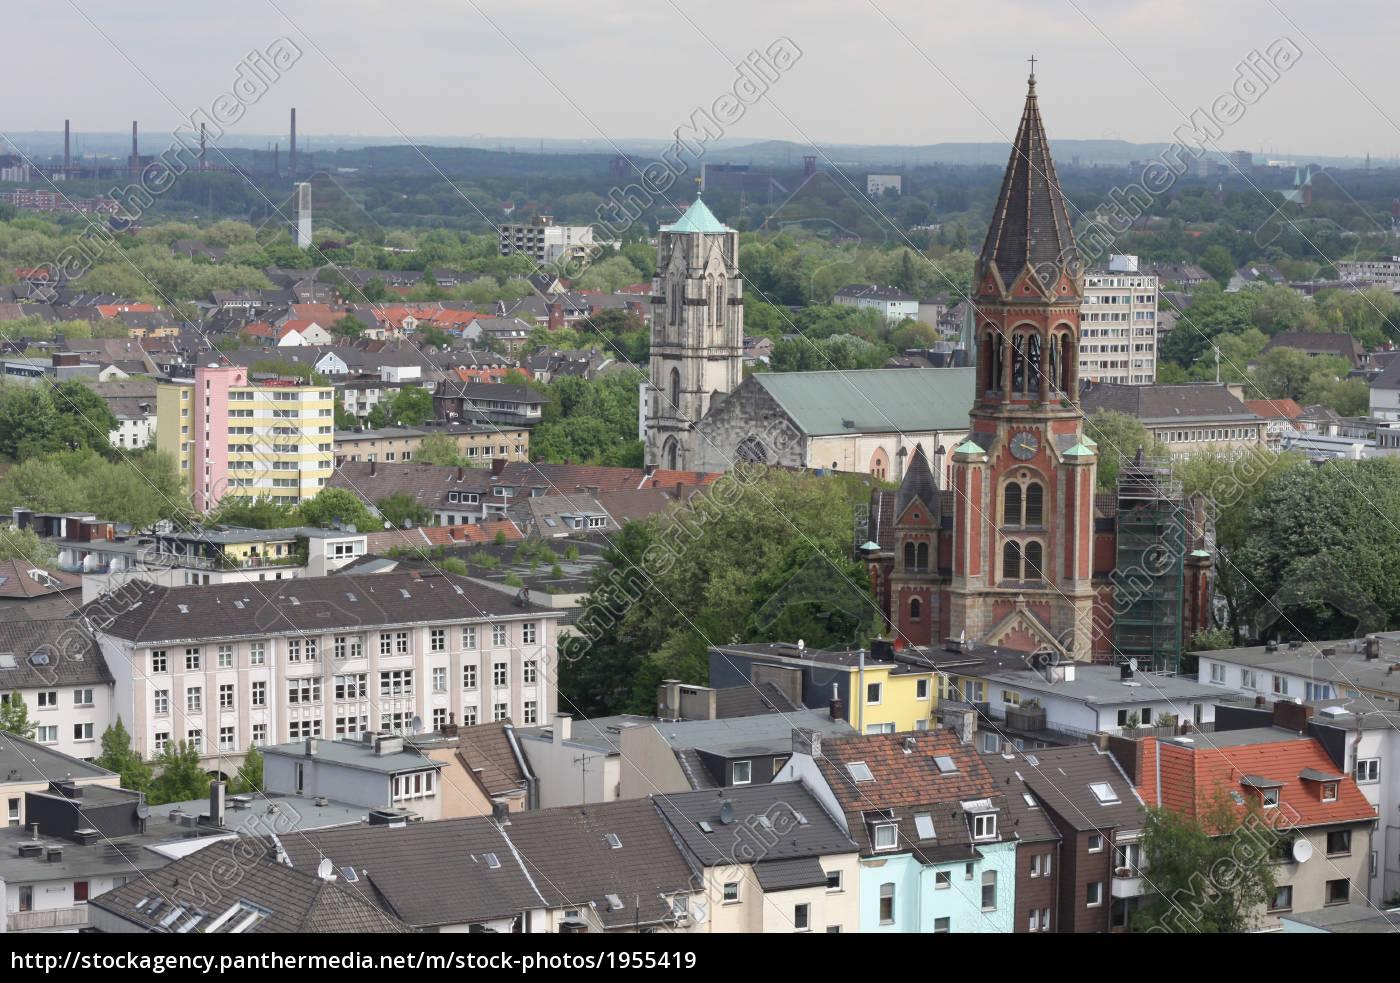 kulturhaupstadt, 2010 - 1955419